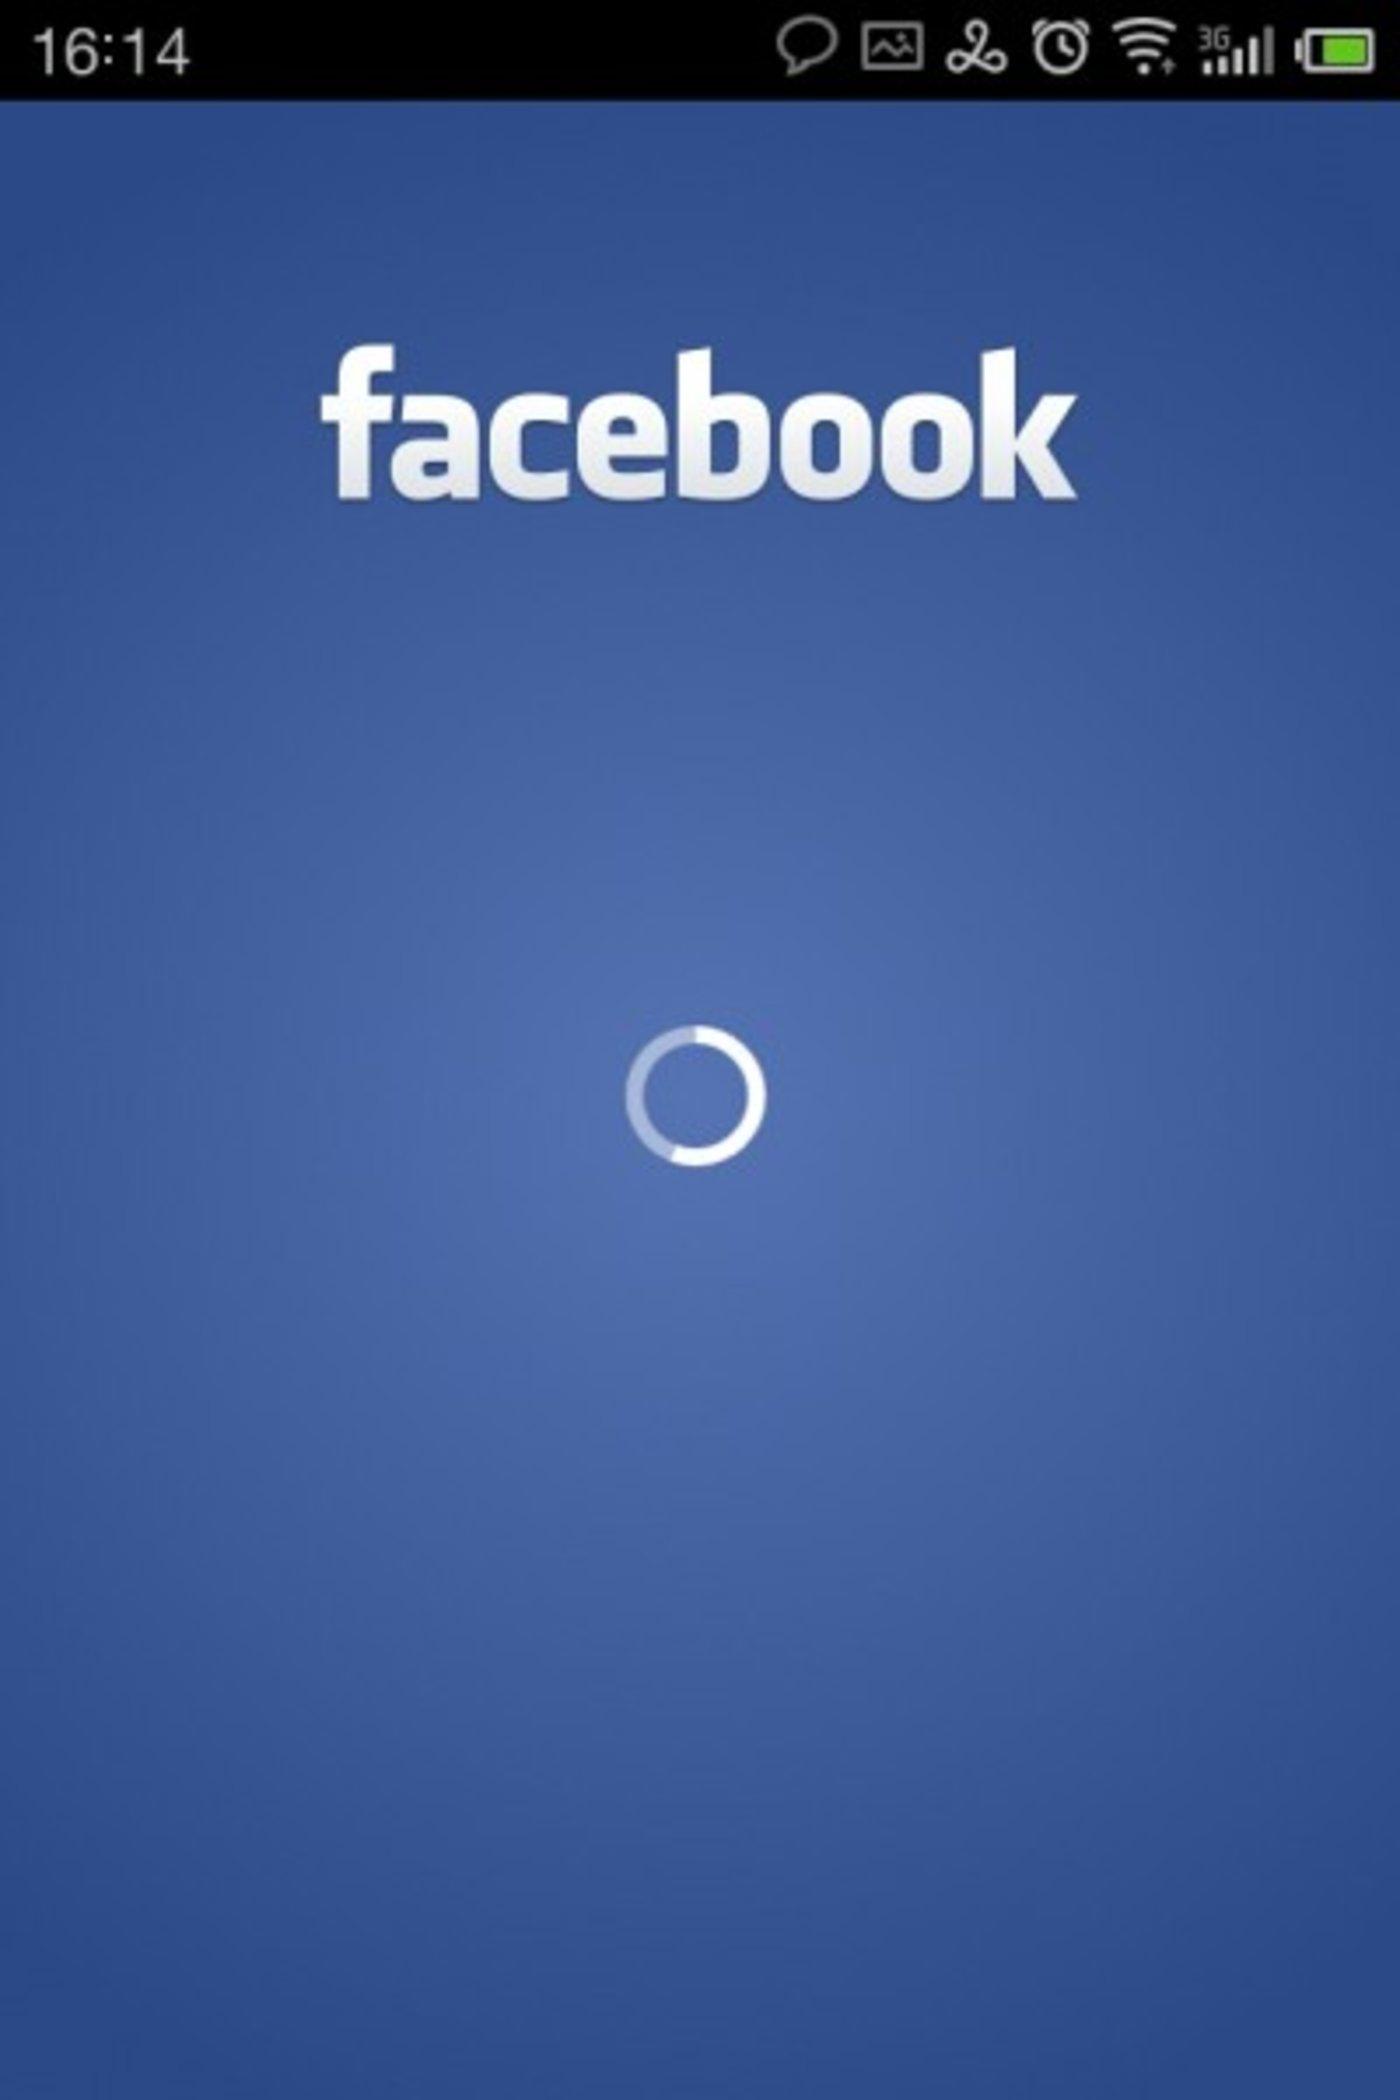 手机上装Facebook Home